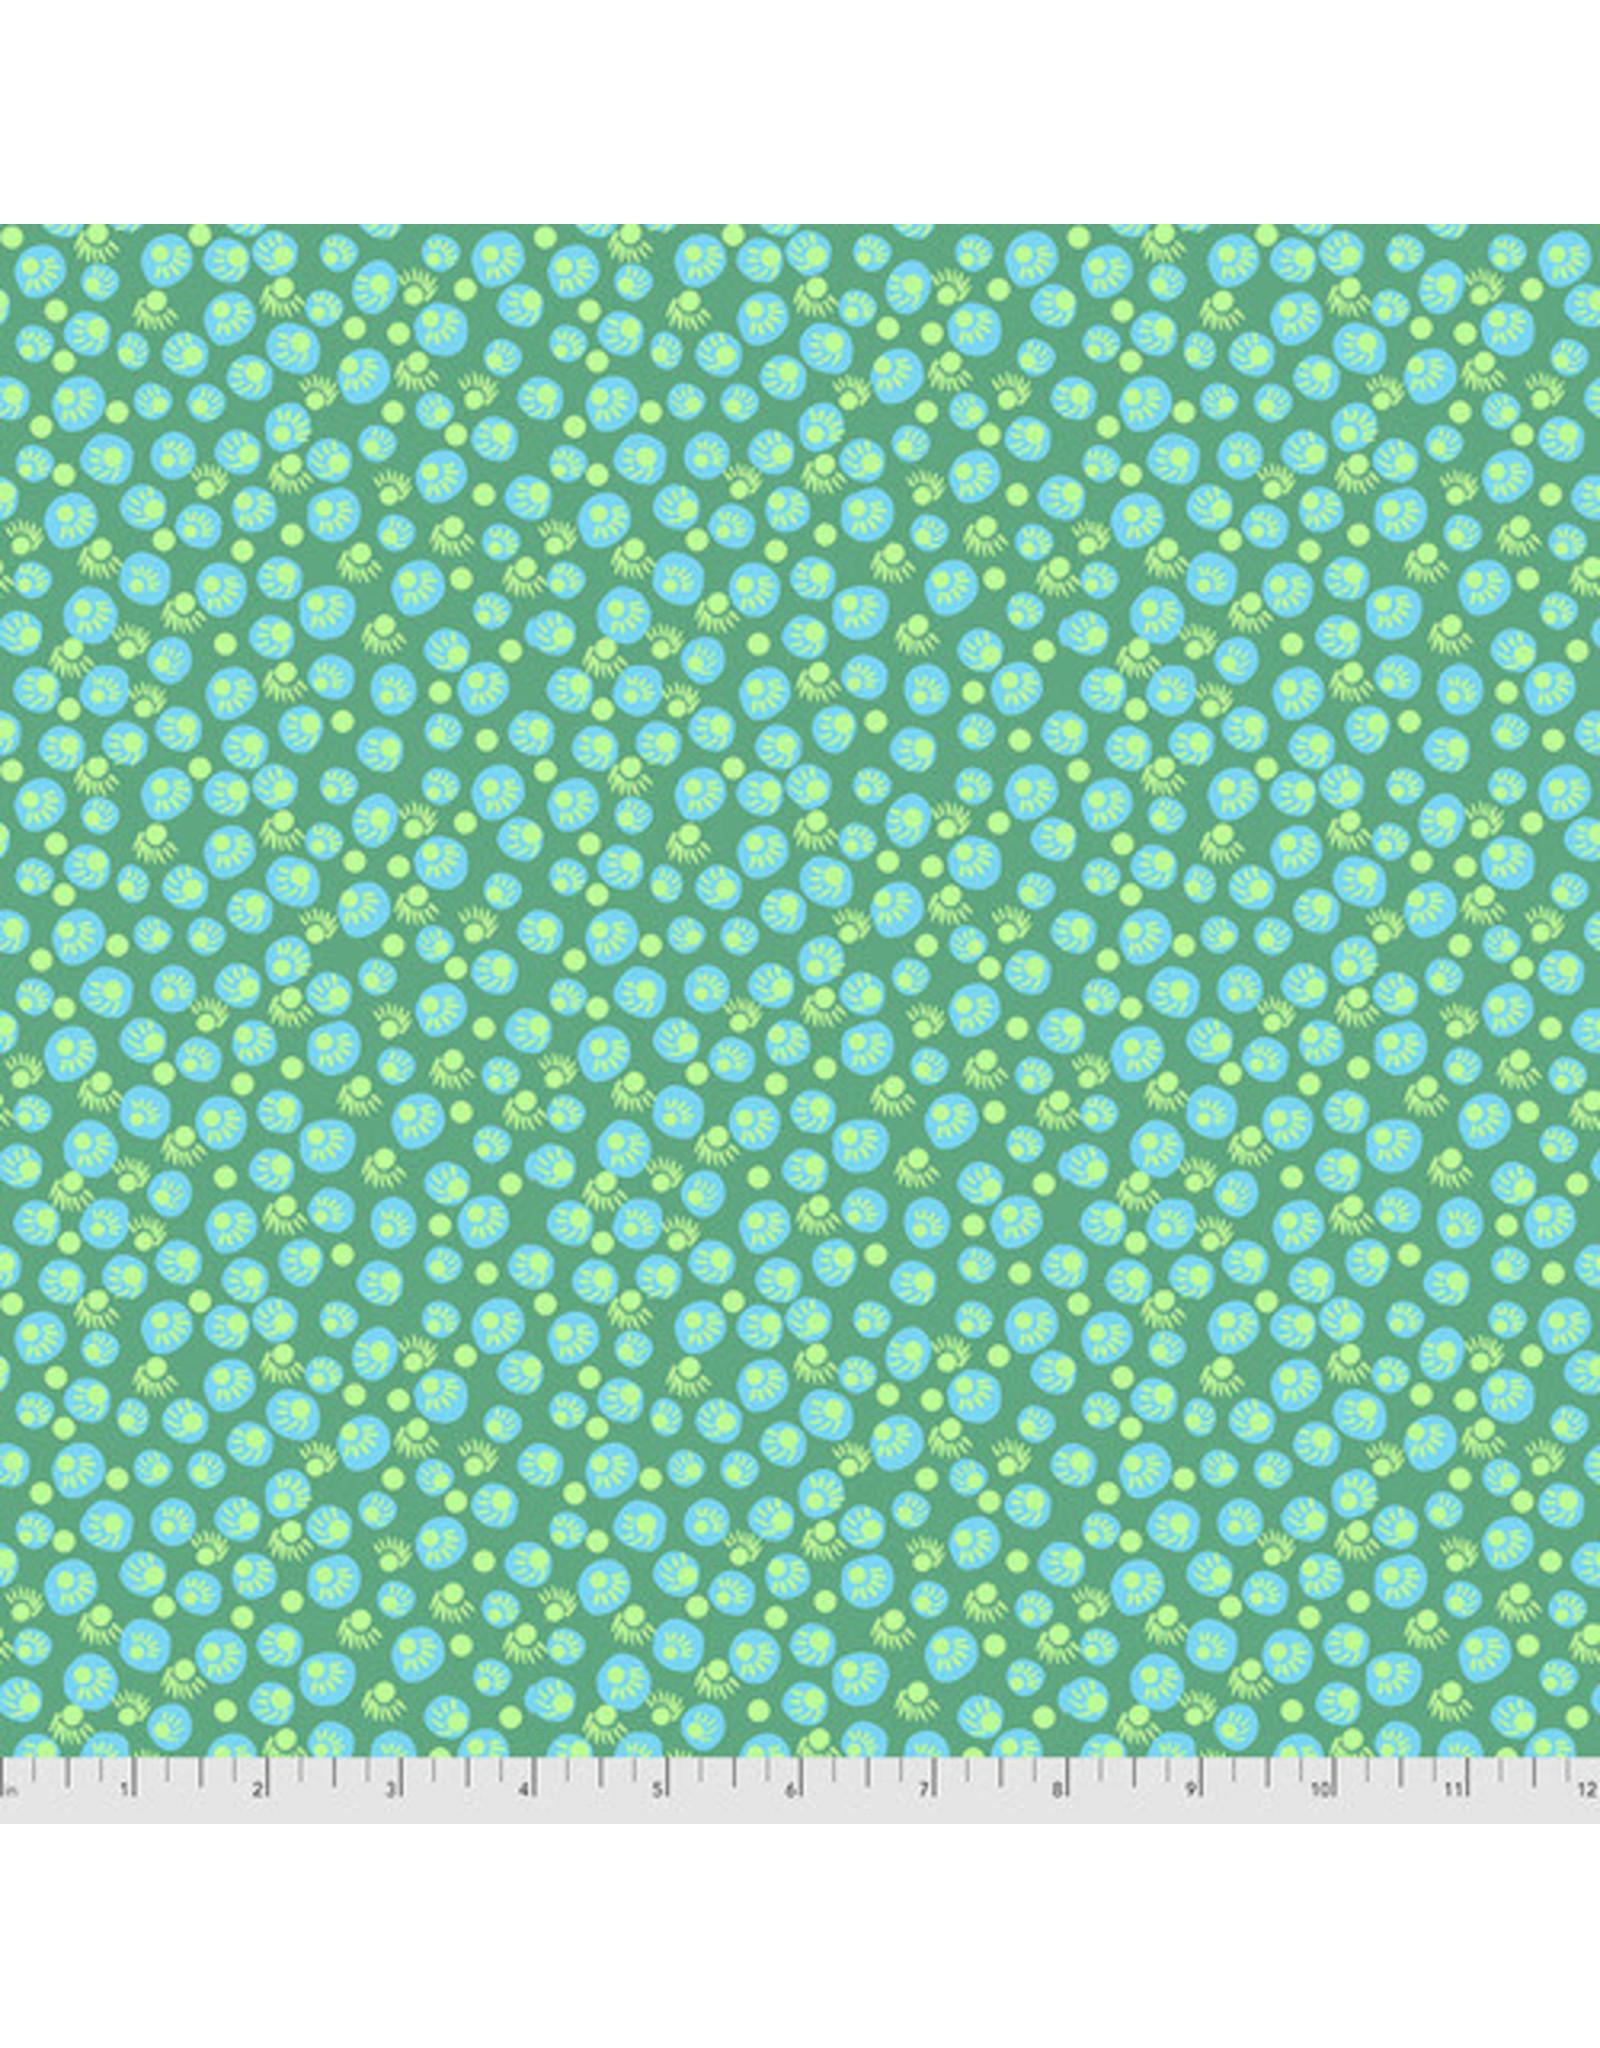 FreeSpirit Bright Eyes - Dot Your Eyes Jade